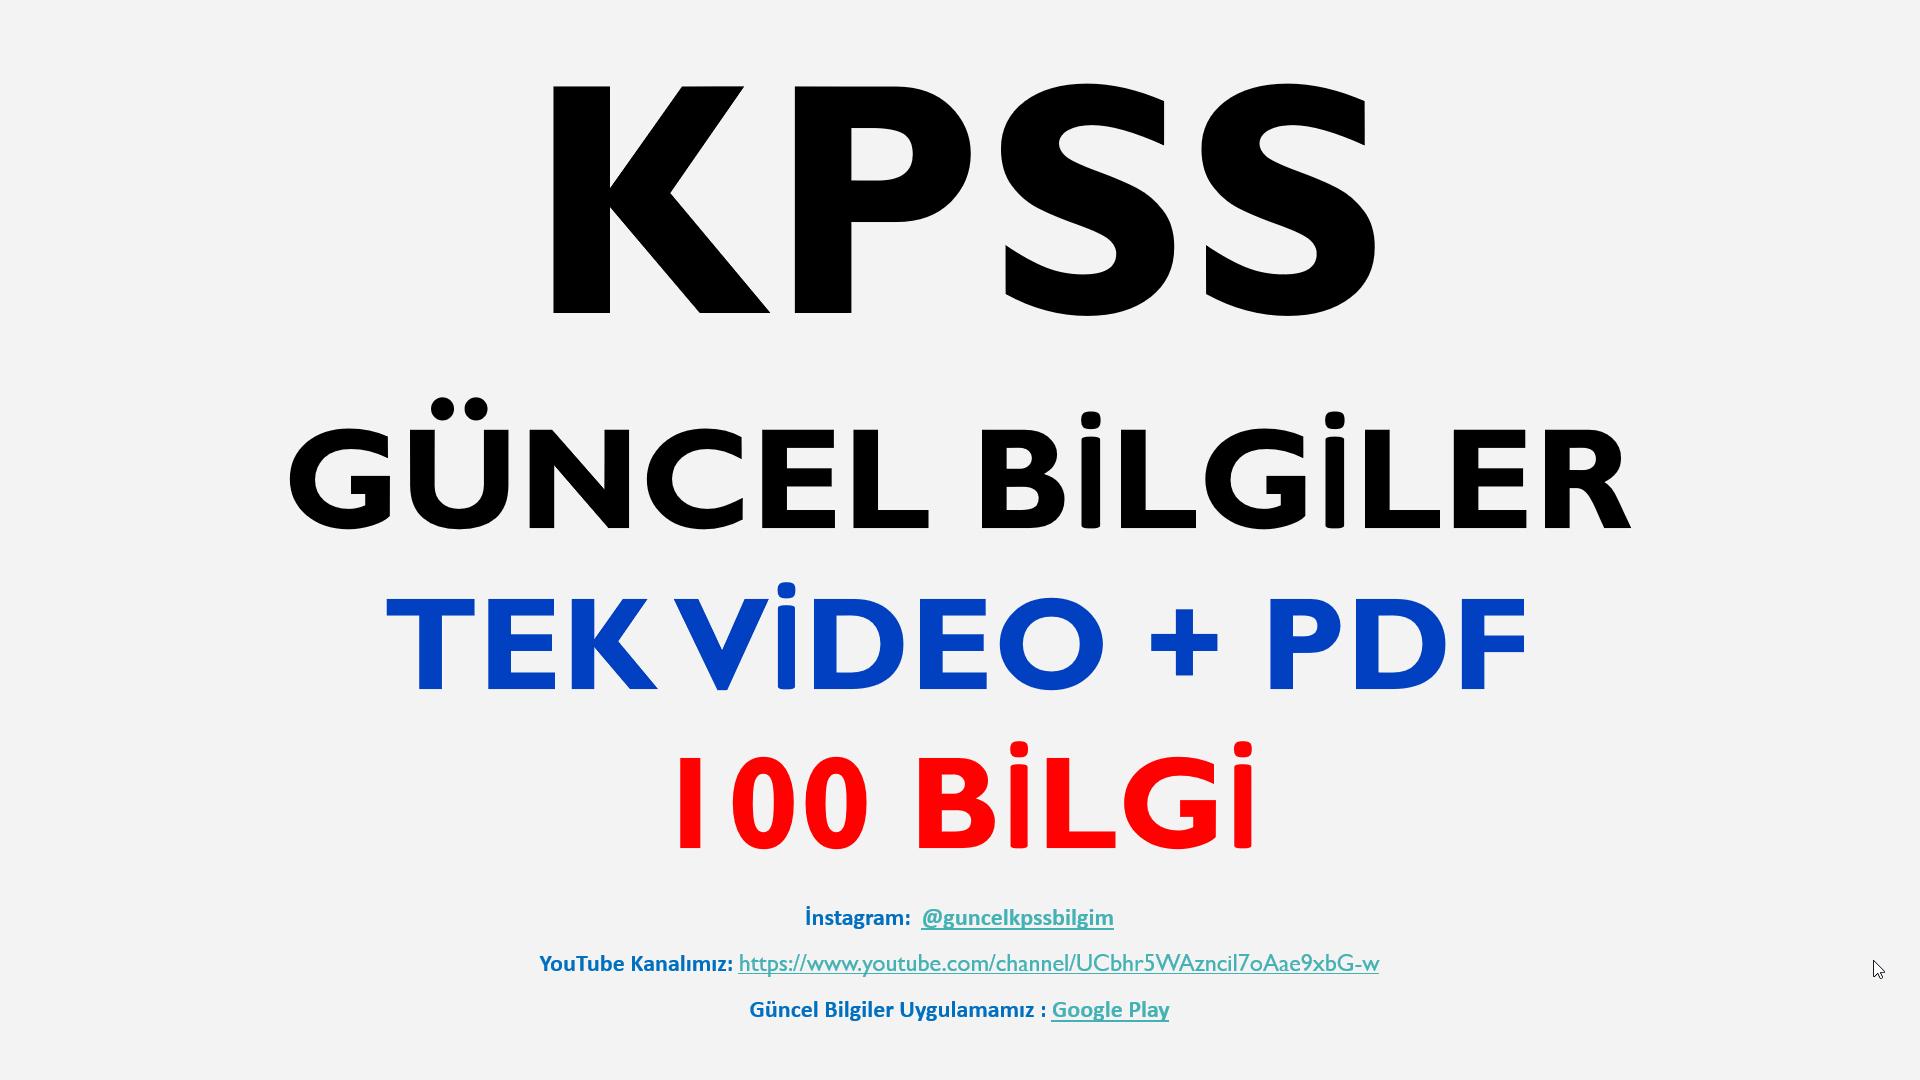 2020 KPSS Güncel Bilgiler SON TEKRAR 100 Bilgi + PDF